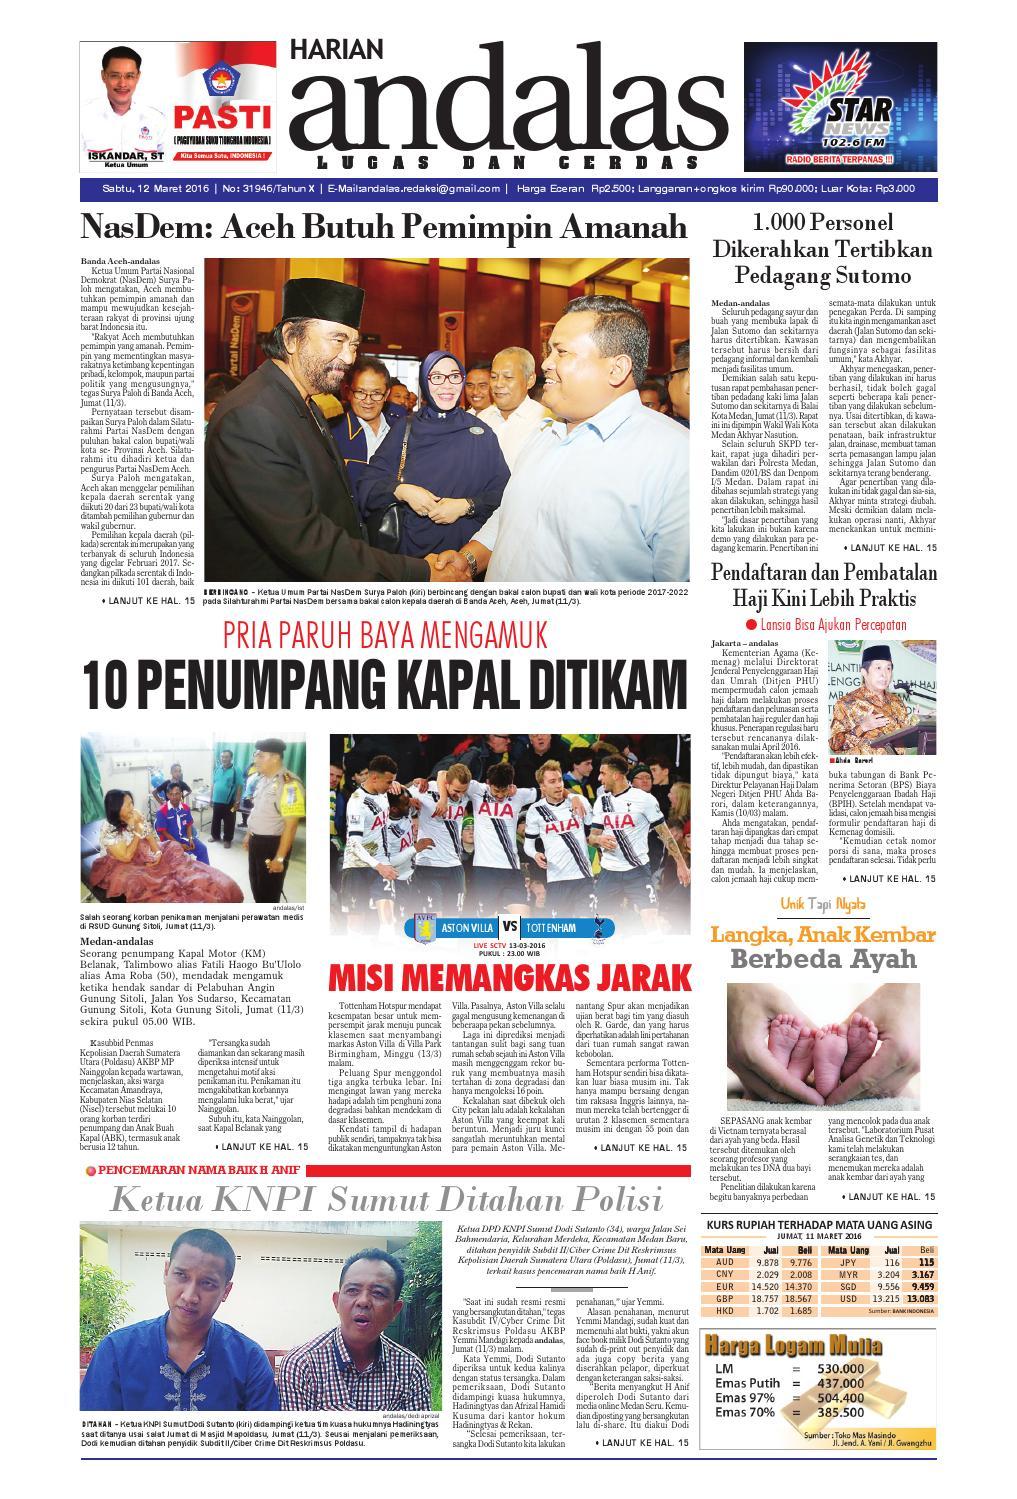 Epaper Andalas Edisi Sabtu 12 Maret 2016 By Media Issuu Produk Ukm Bumn Atasan Tenun Pria Lengan Pendek Hijau B